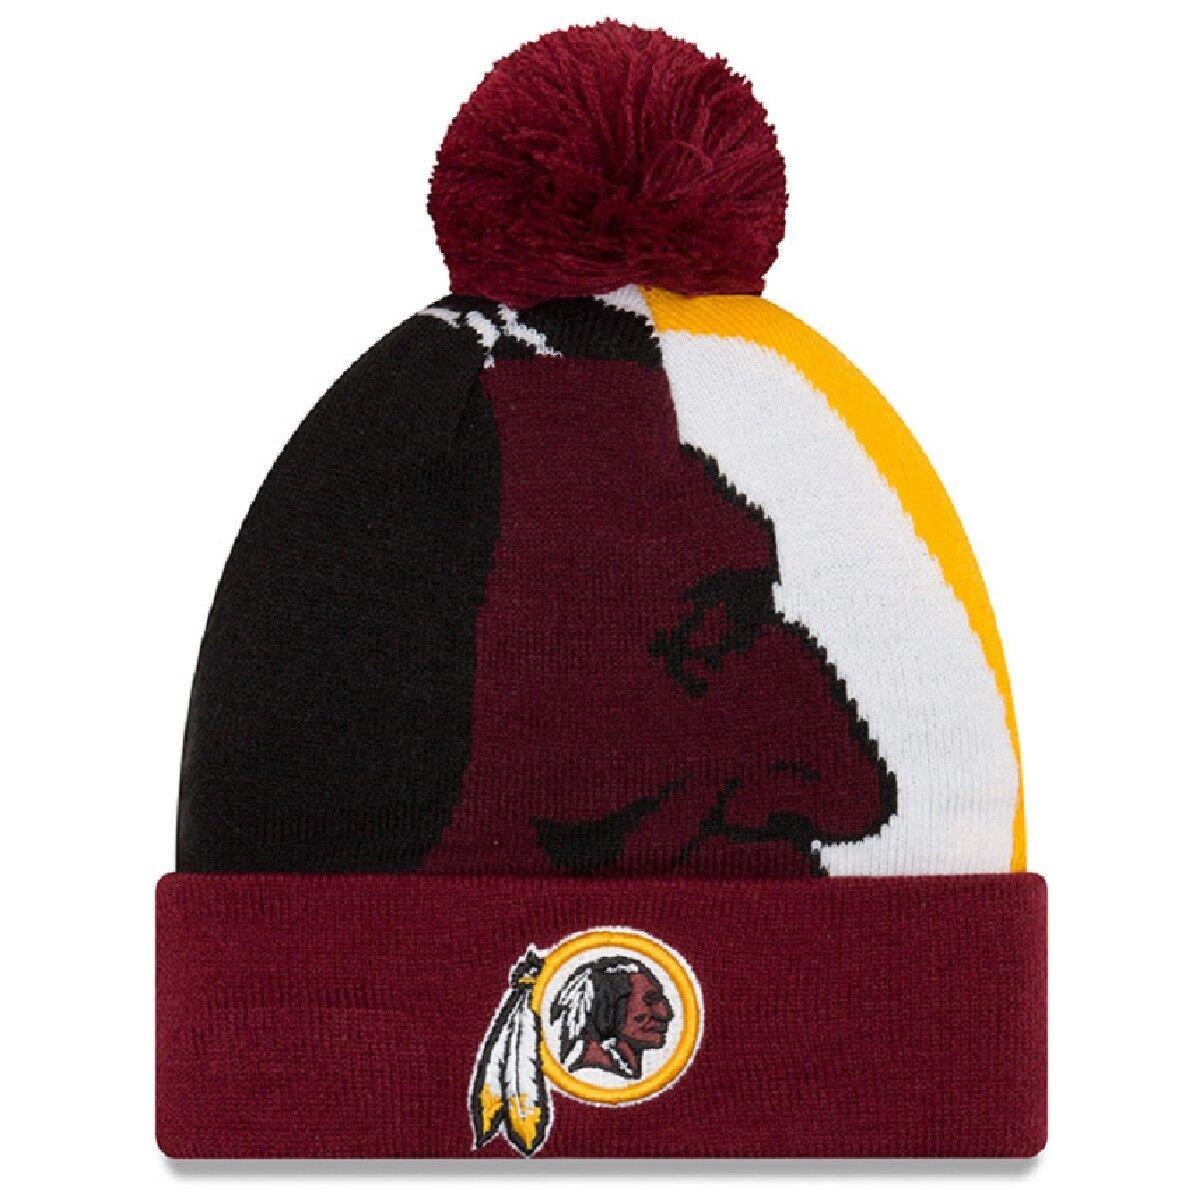 NFL Wollmütze Wollmütze Wollmütze Washington rotskins Logo Whiz3 Wintermütze cuffed knit hat NewEra 965f66